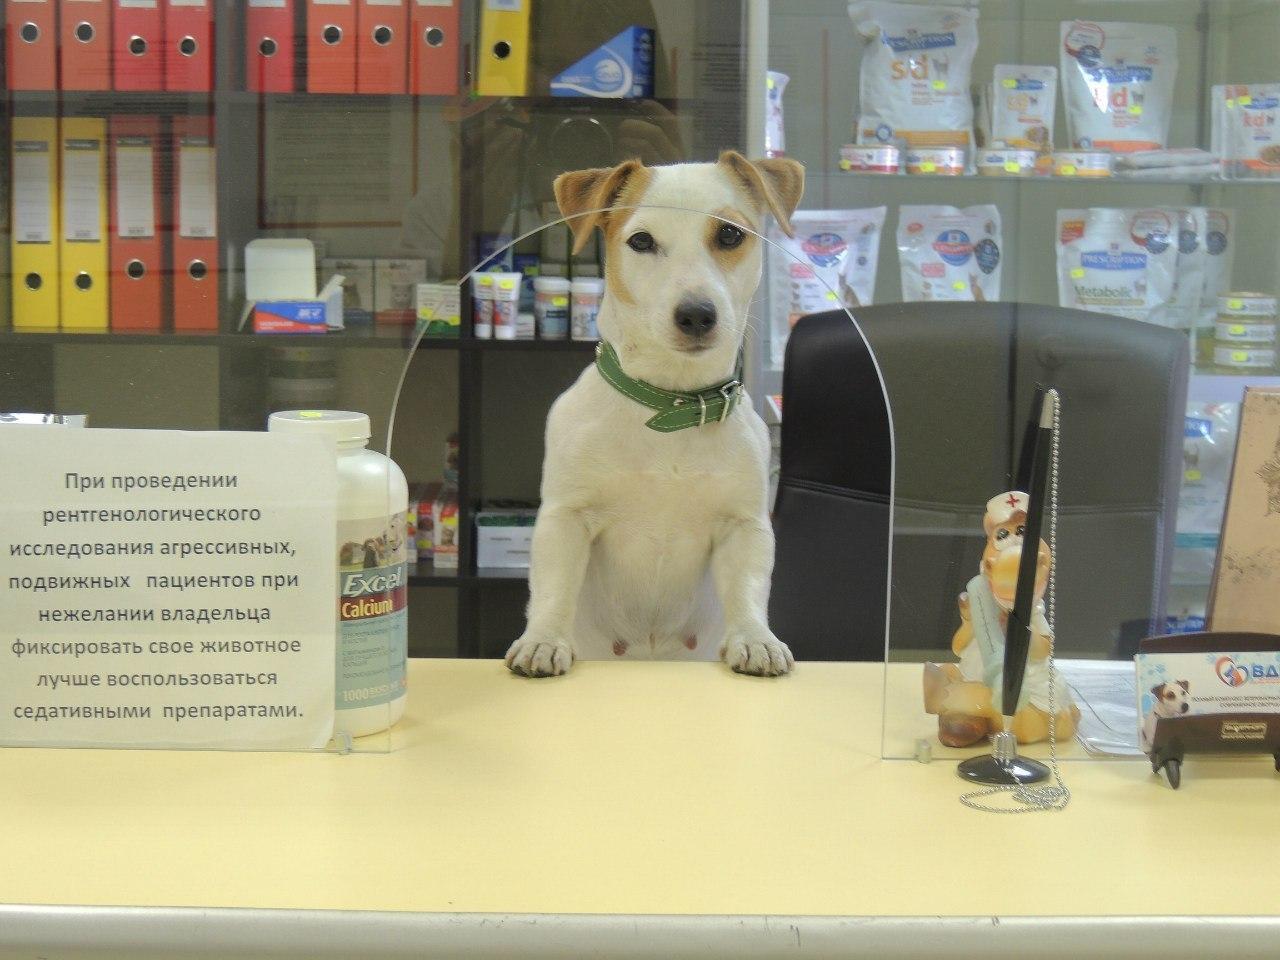 Ветеринарные клиники кот и пес отзывы